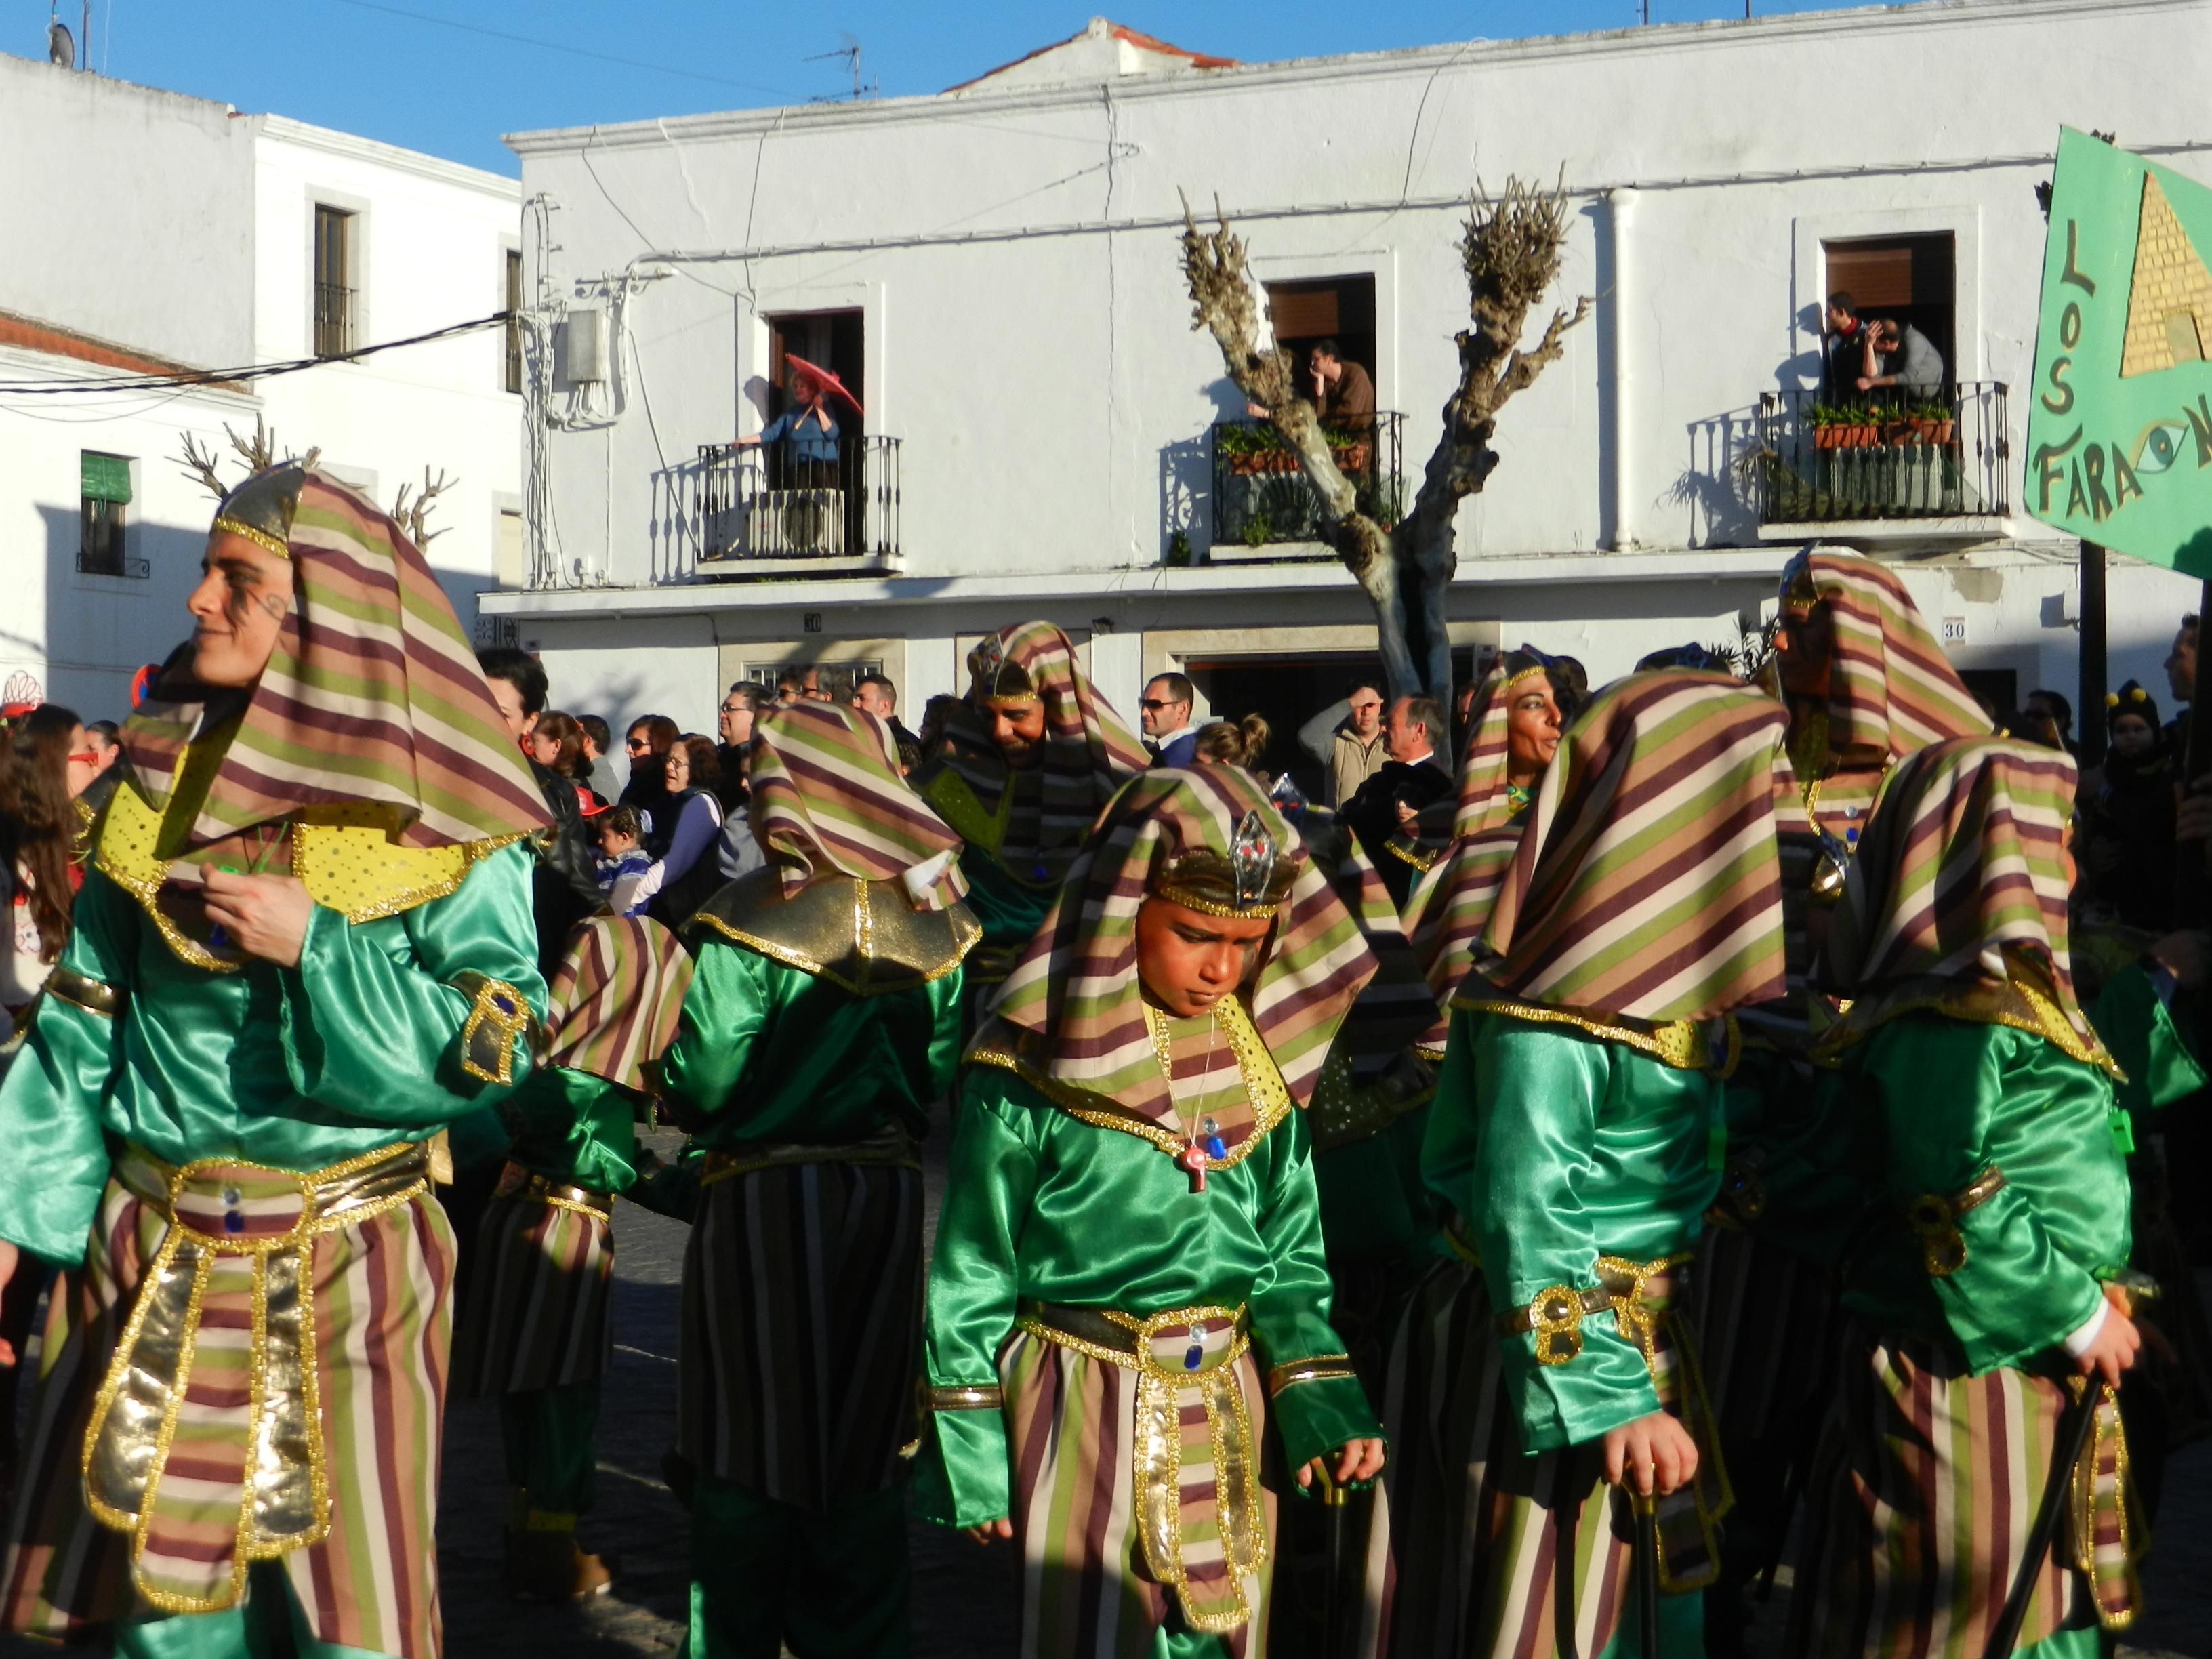 Los faraones del carnaval